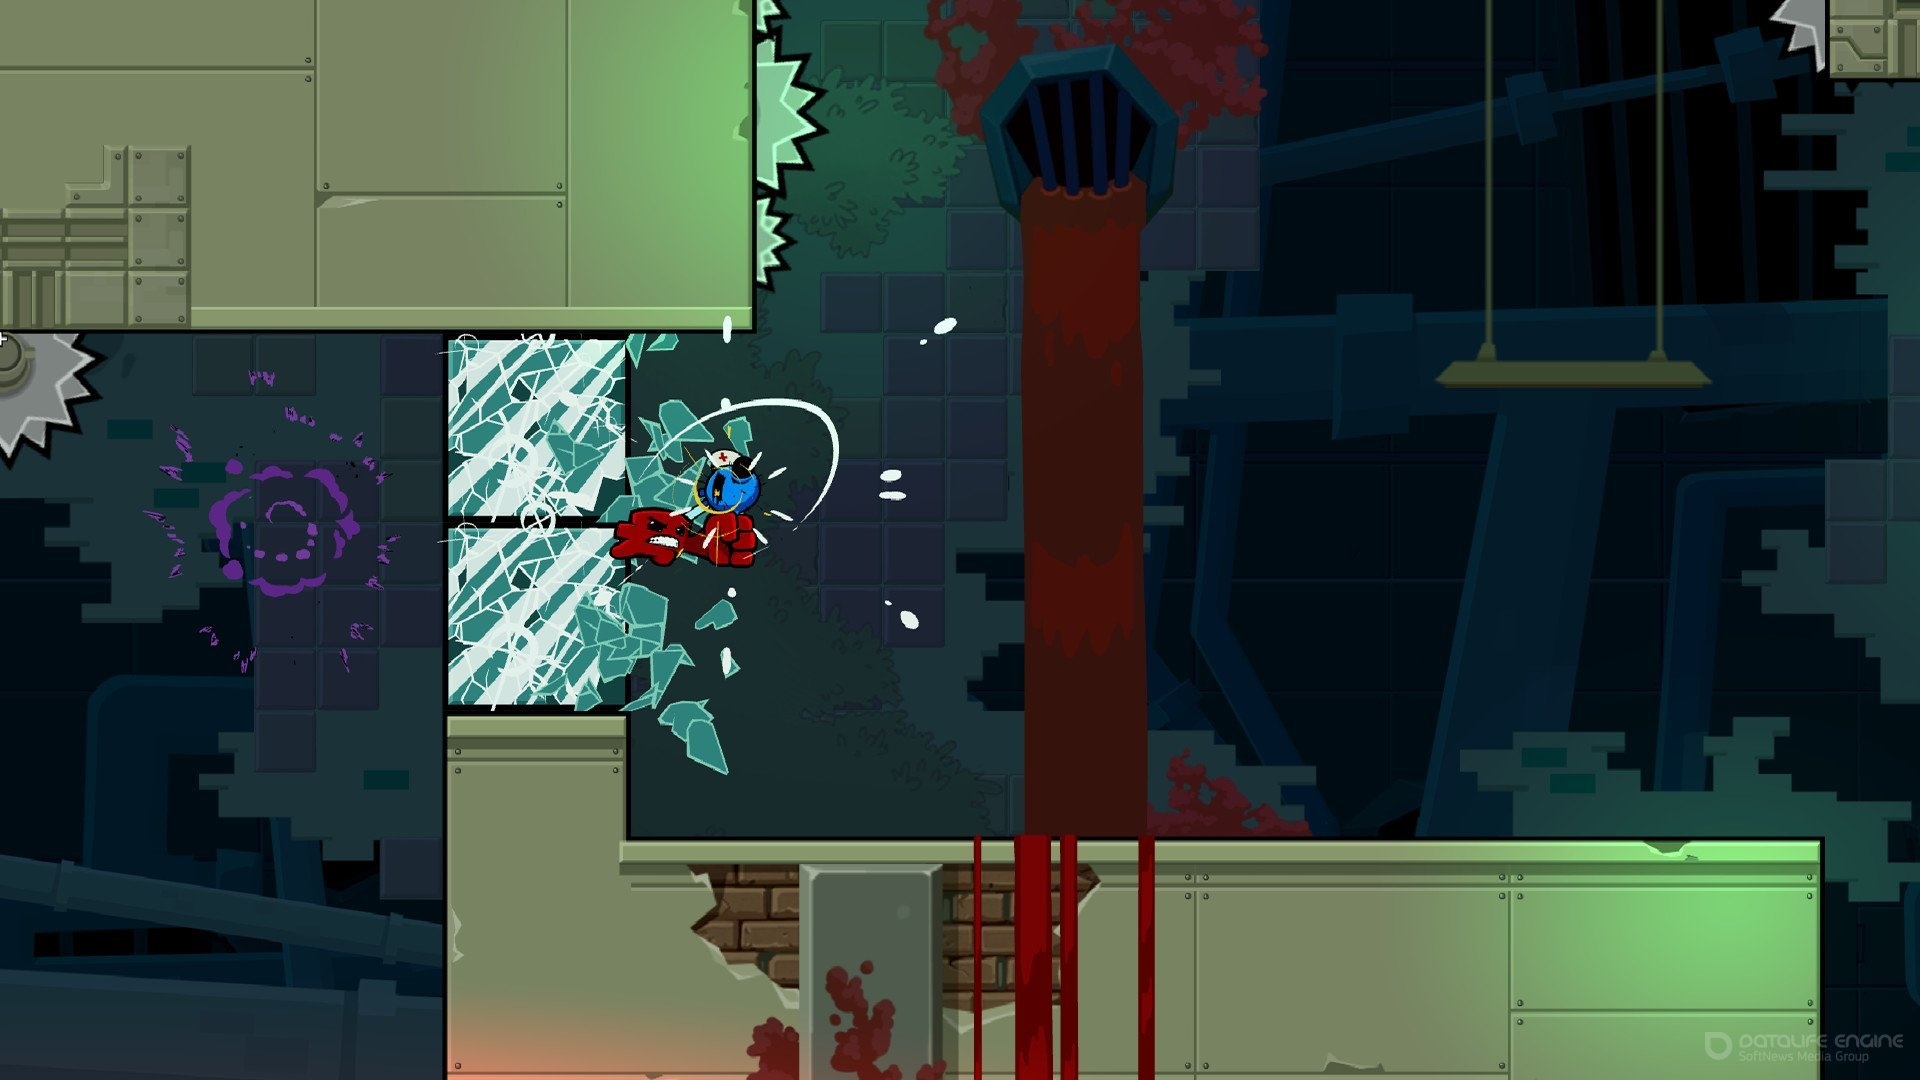 Скриншот к игре Super Meat Boy Forever [Portable] (2020) скачать торрент Лицензия